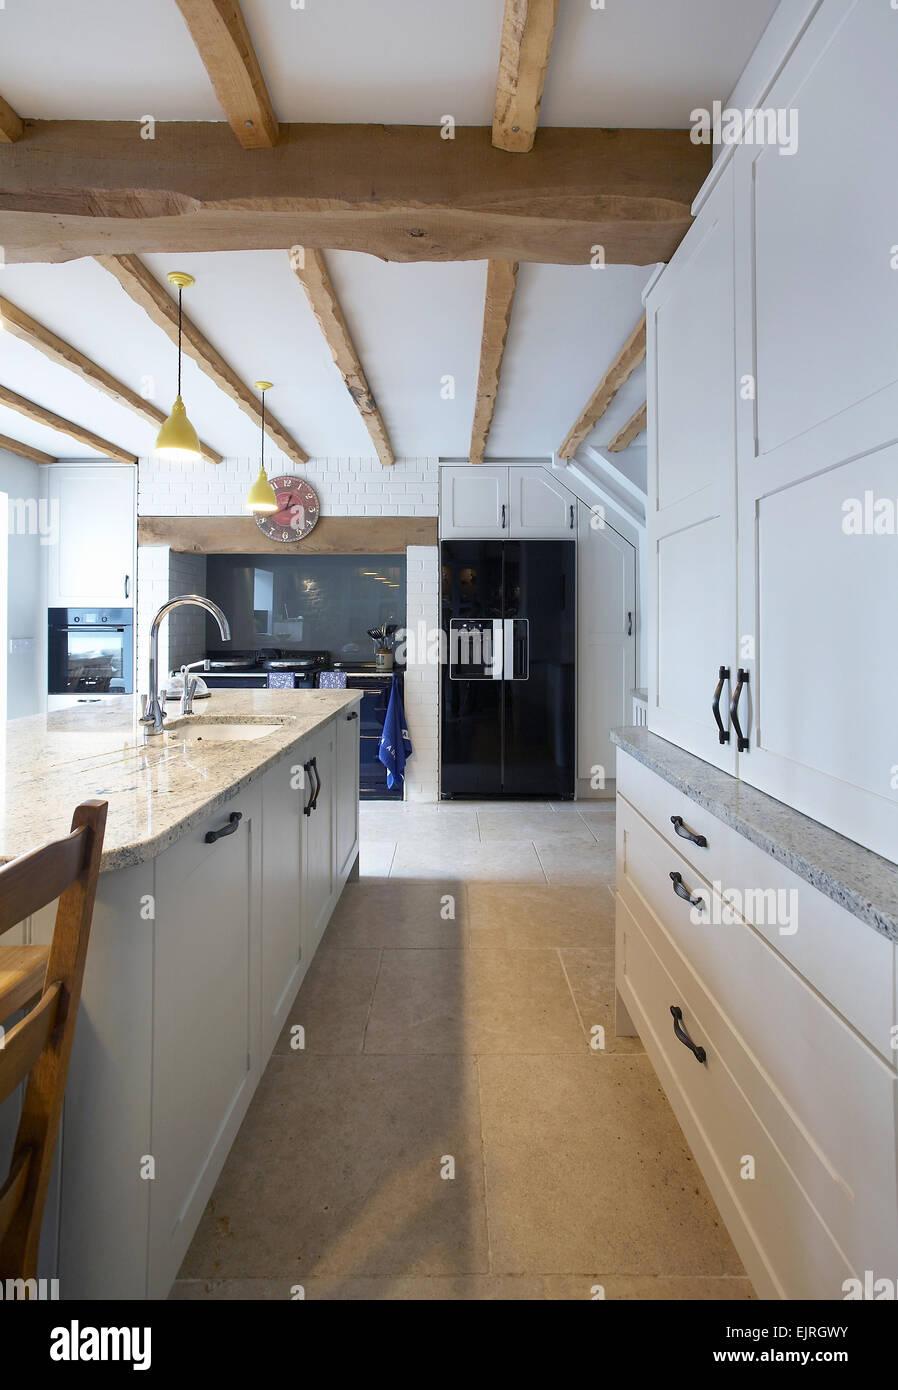 Contemporary Kitchen Aga Cooker Stockfotos & Contemporary Kitchen ...